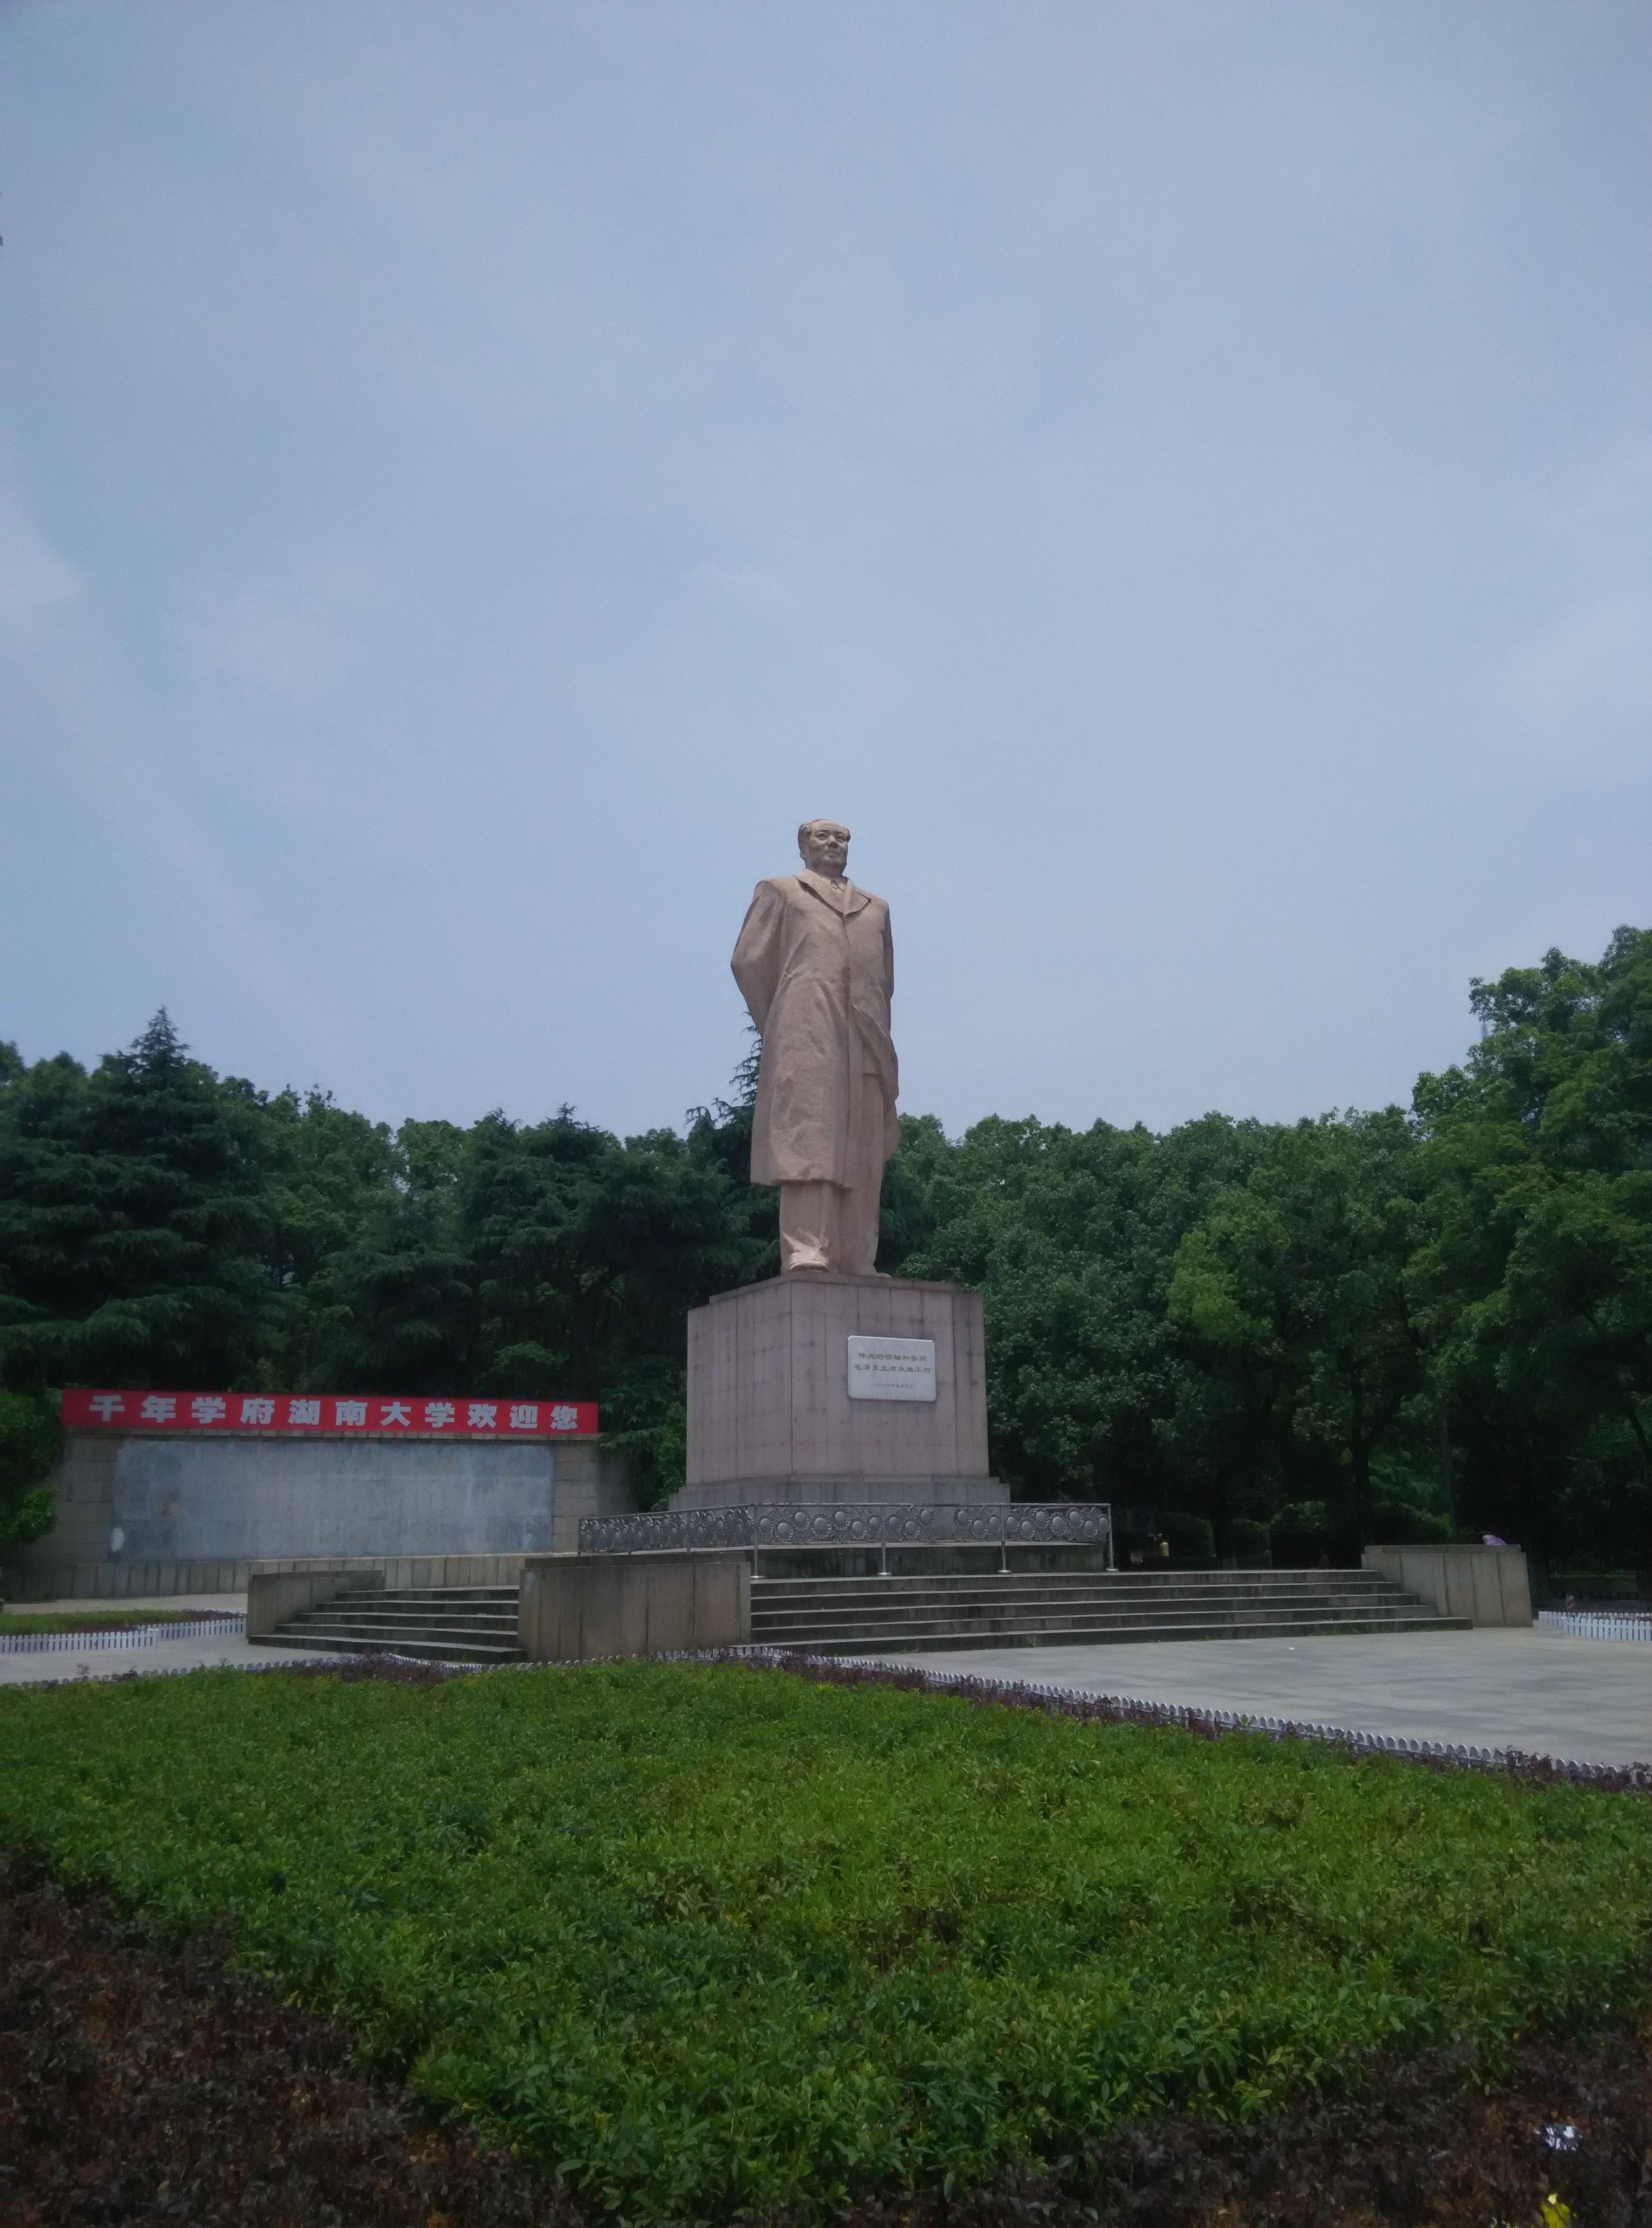 湖南大学旅游景点攻攻略略图好感度爱丽丝图片